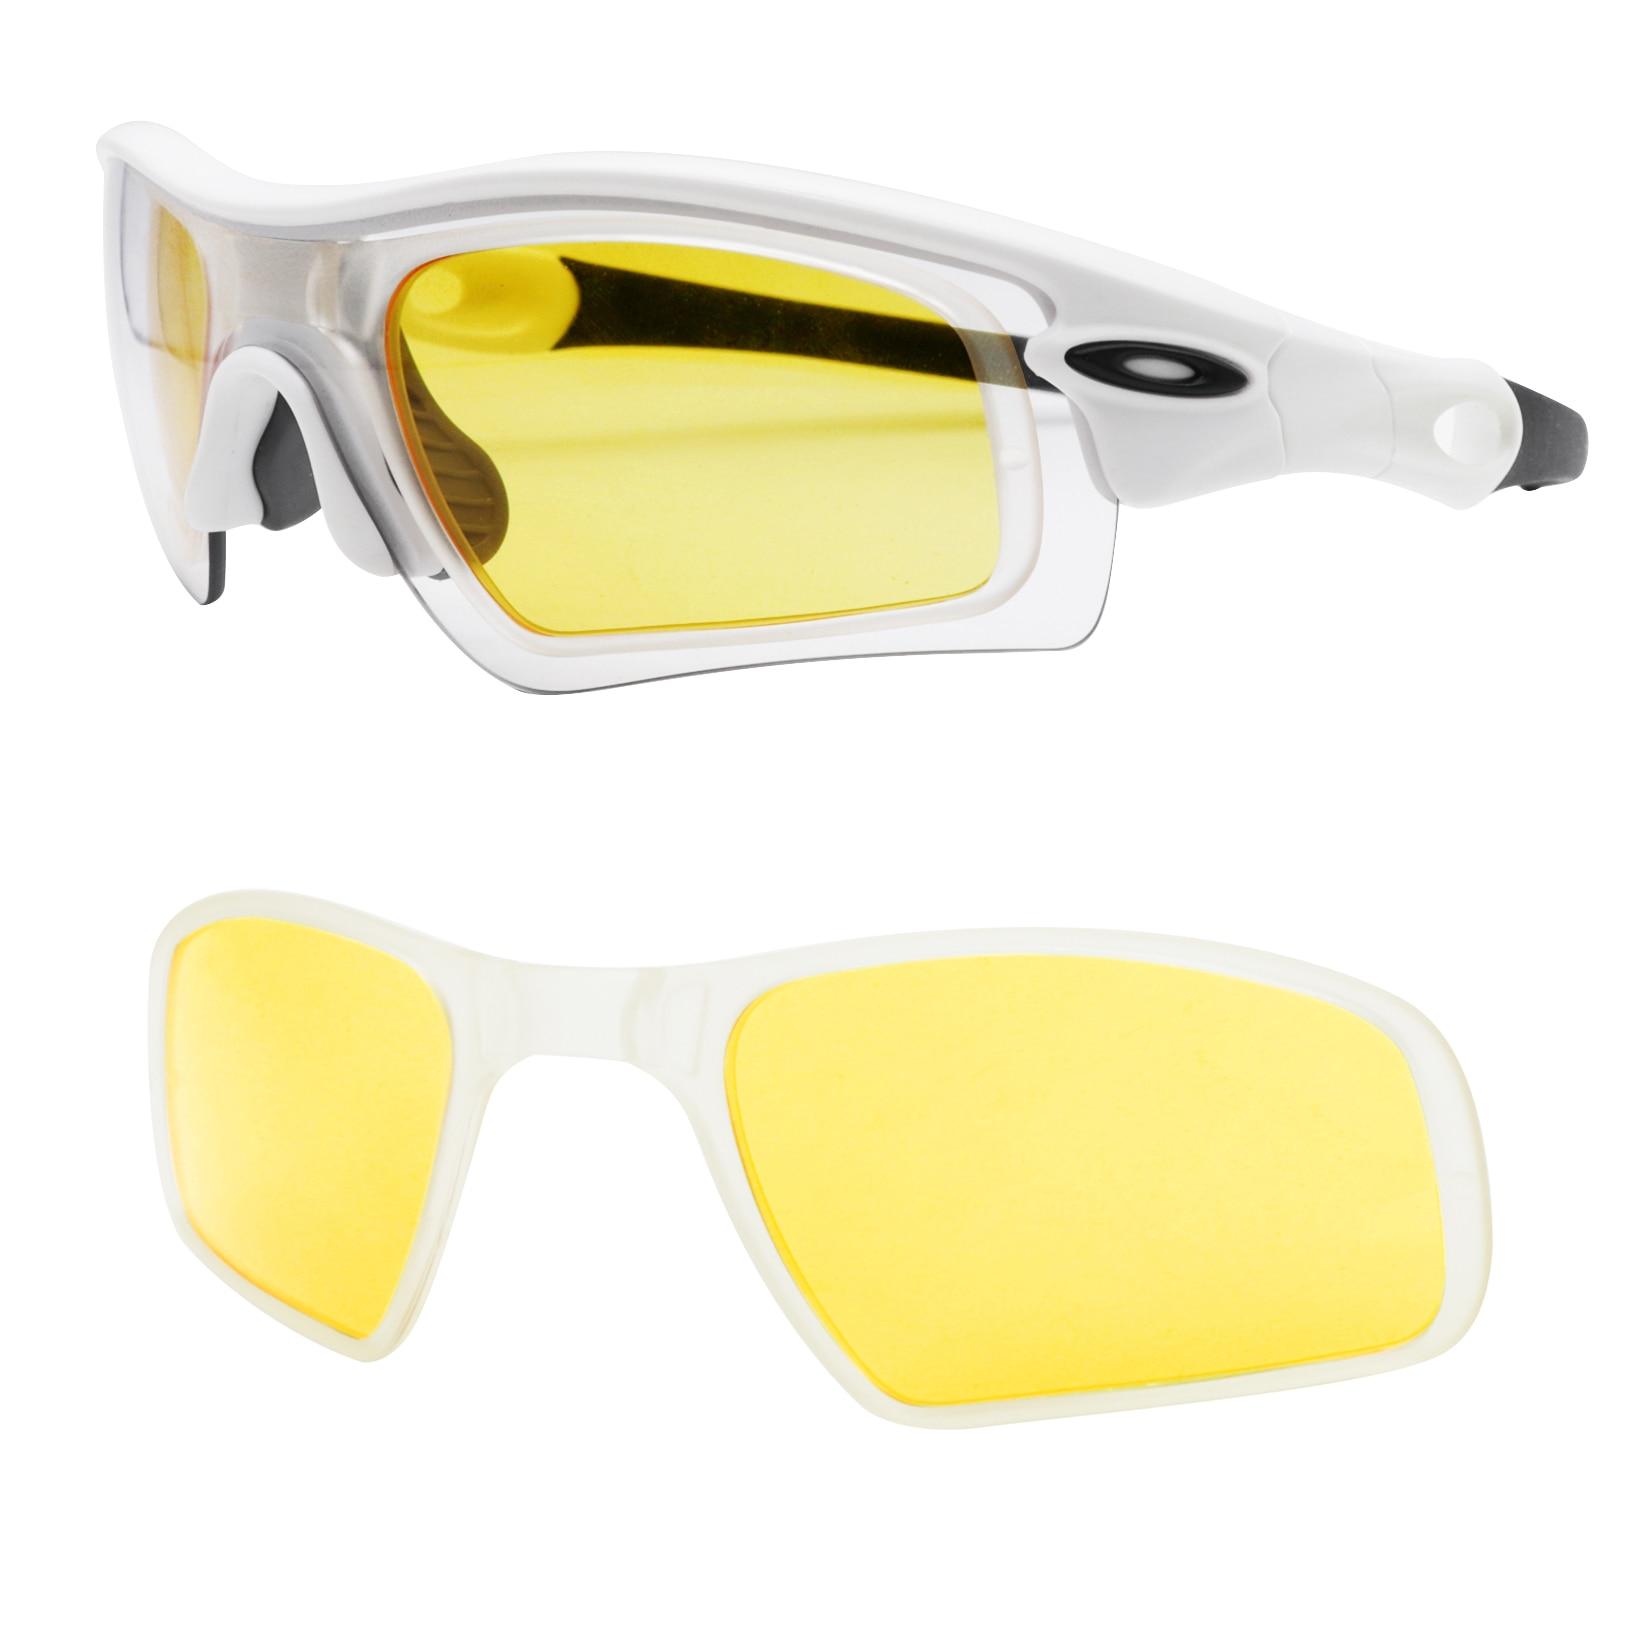 PapaViva-مشبك النظارات الشمسية ، مشبك وصفة طبية للنظارات الشمسية ، مسار الحافة ، RadarLock ، أصلي